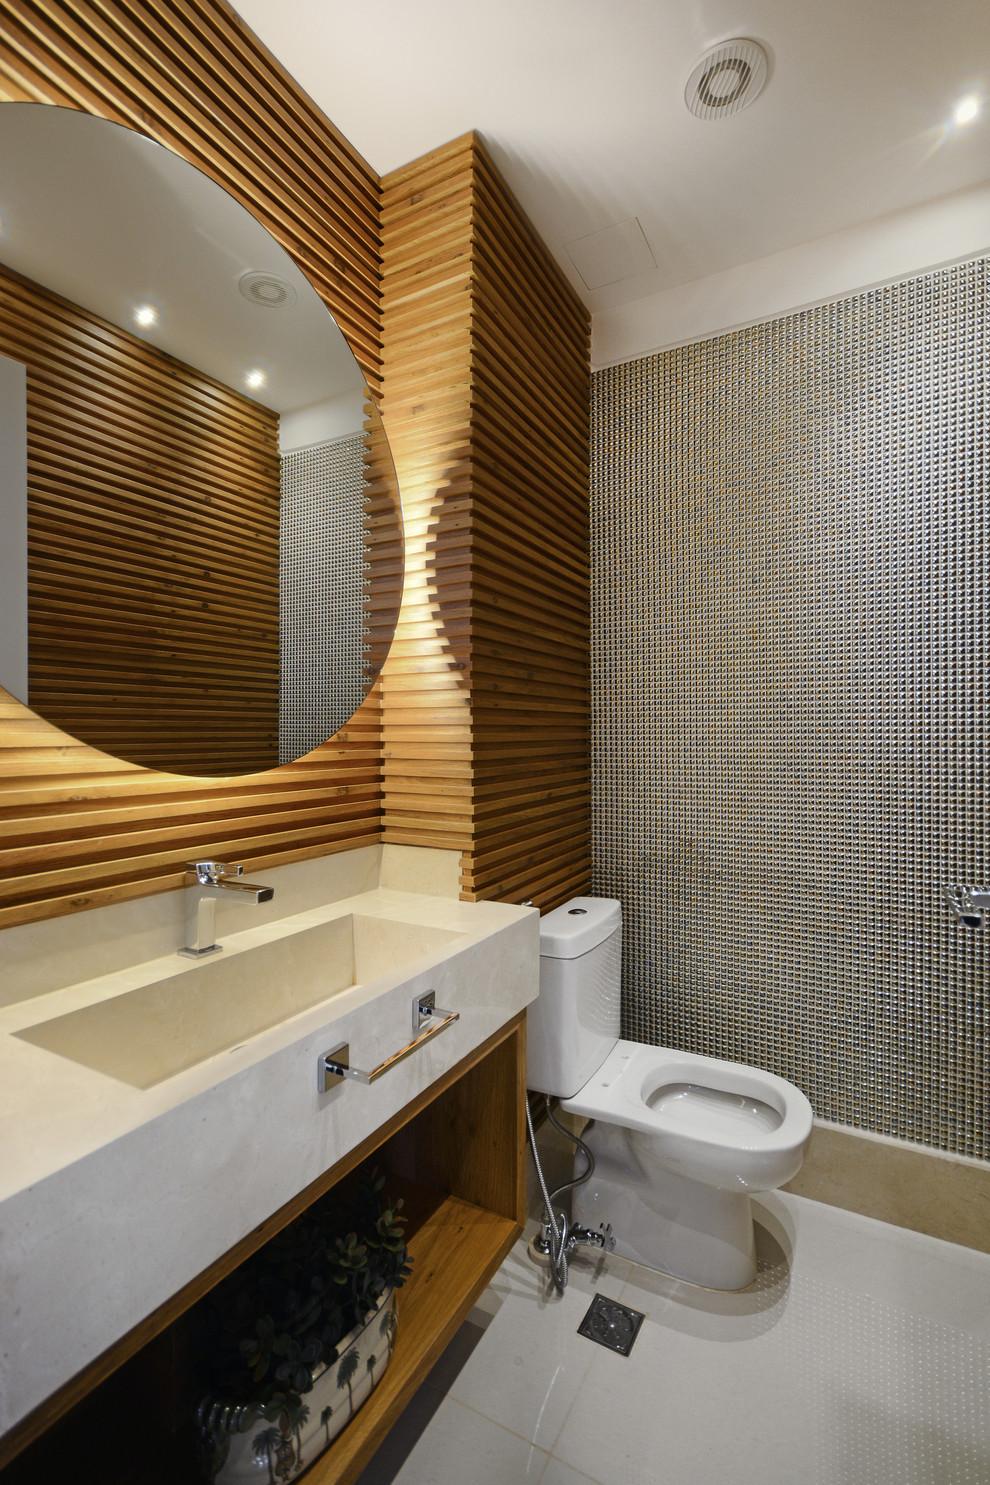 lavabo apto WK 3001_1